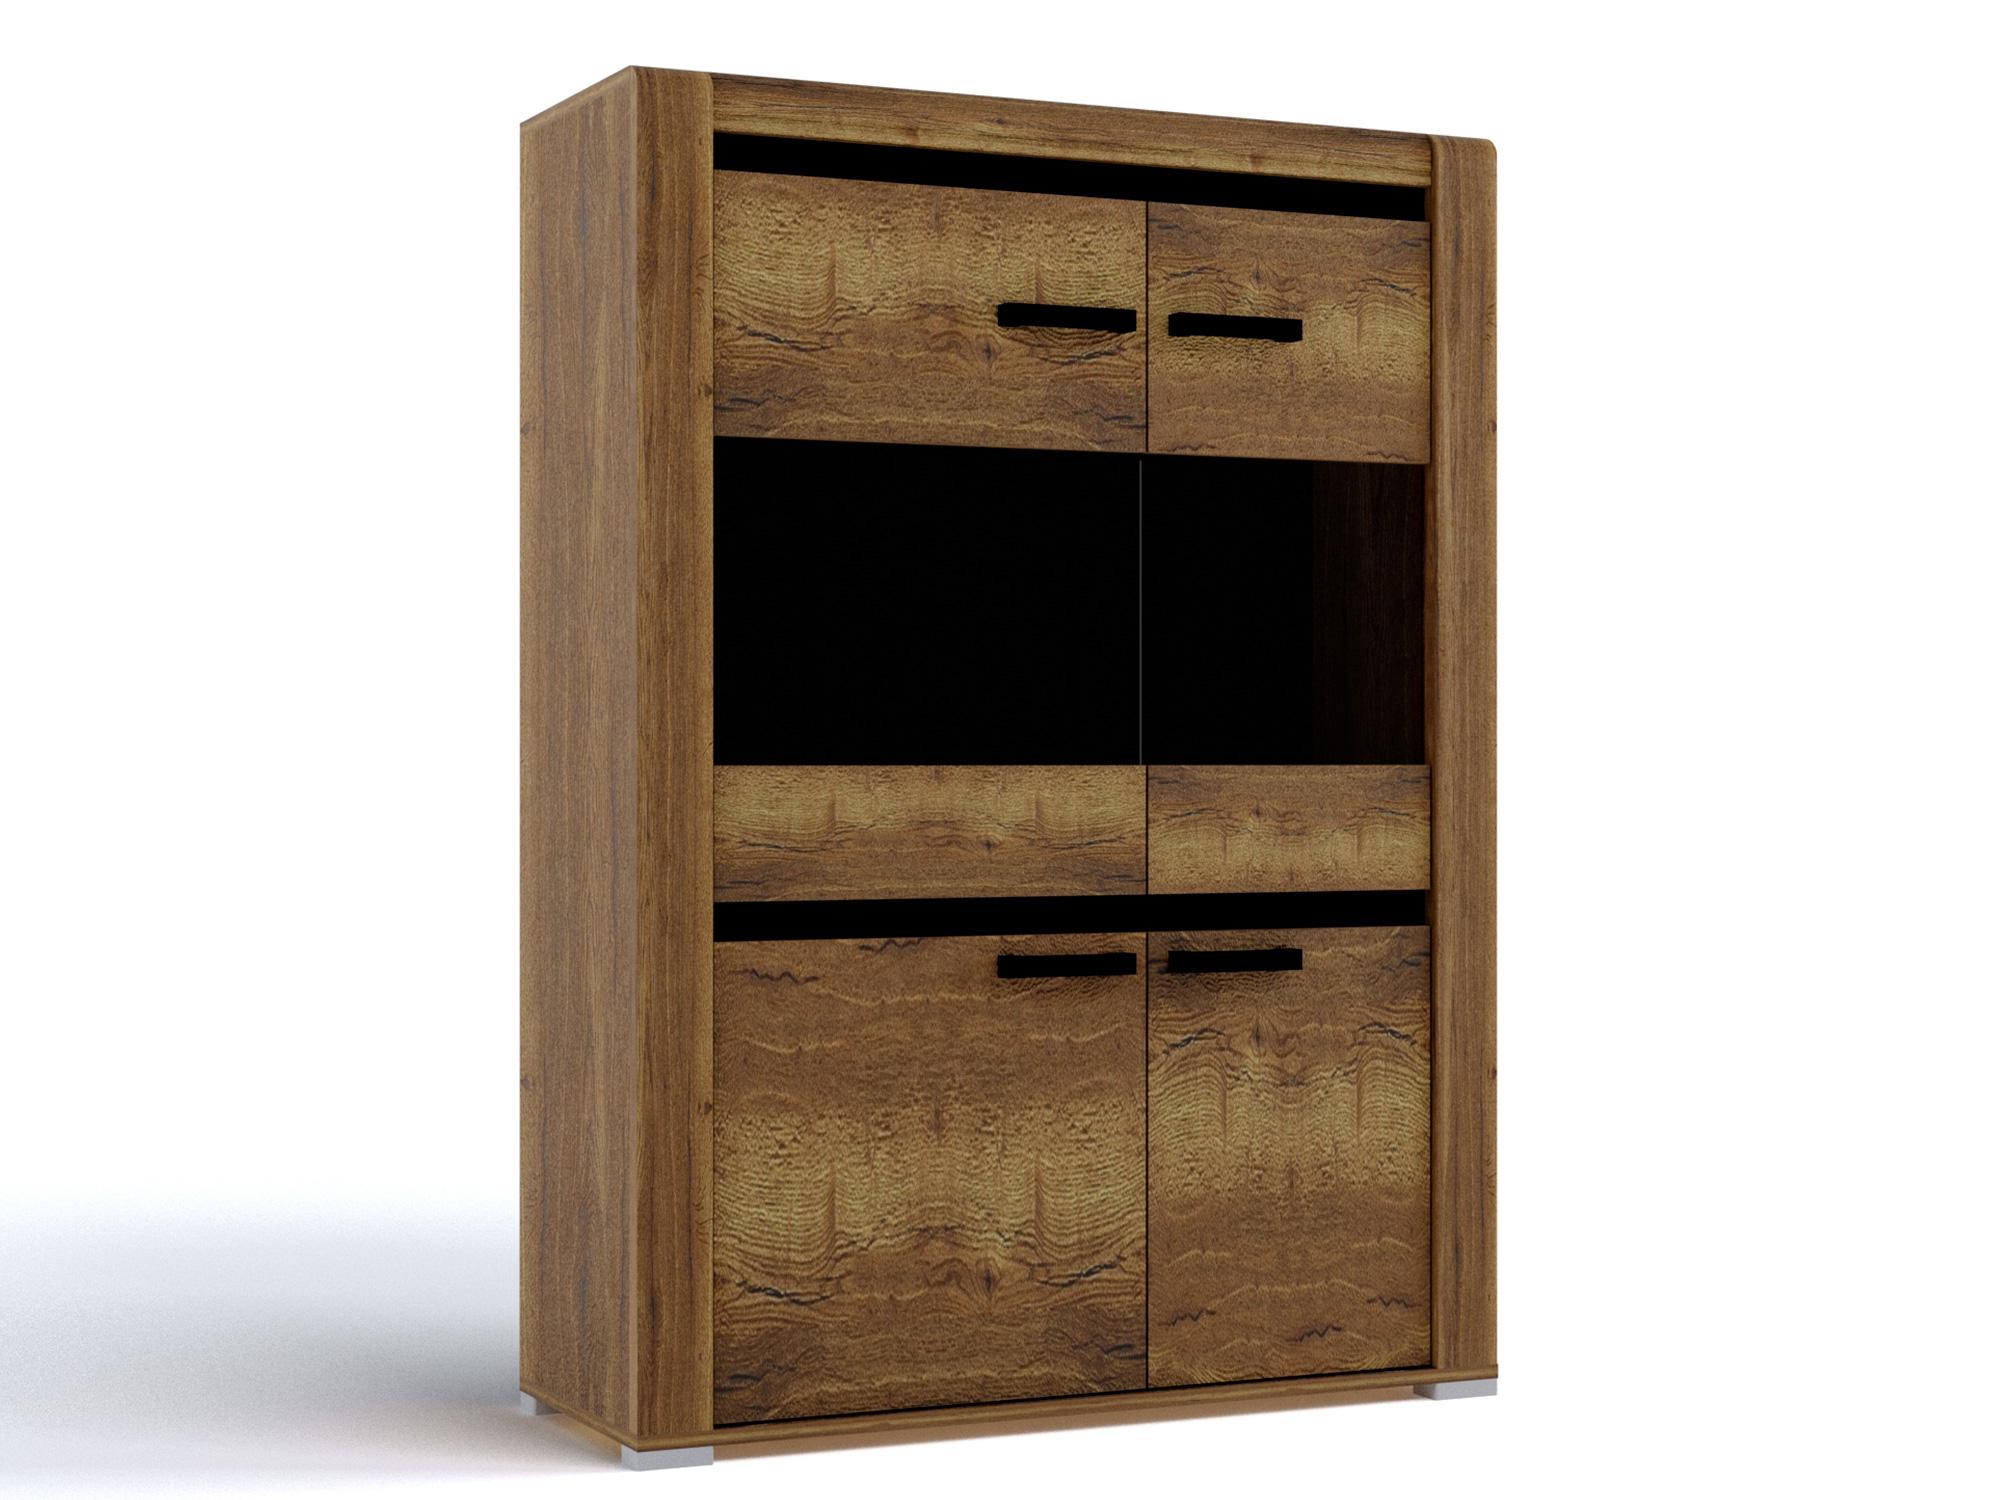 Шкаф низкий Бруна Дуб галифакс табак, Коричневый, Коричневый